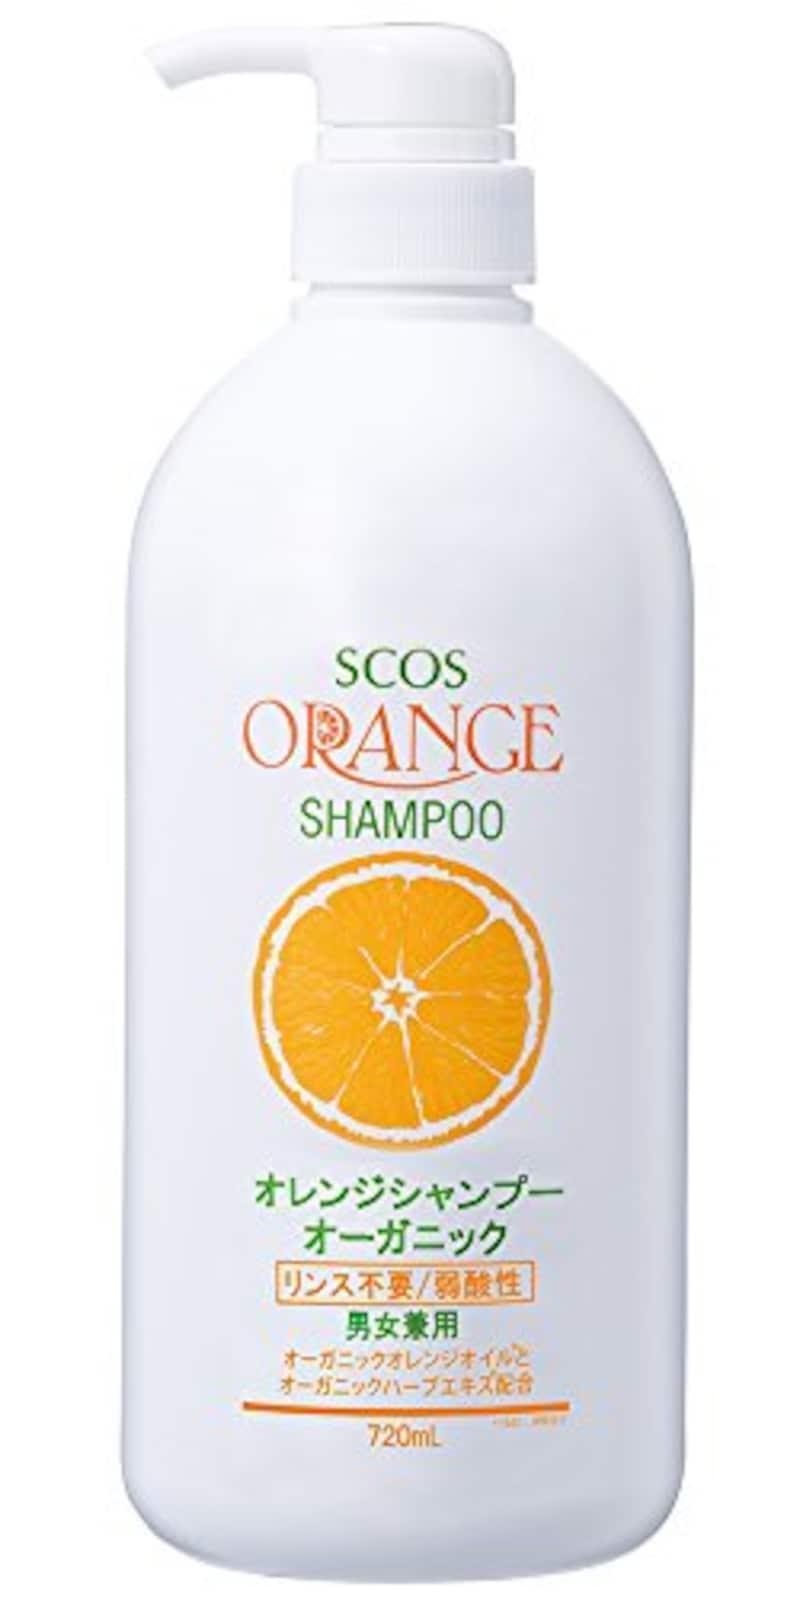 エスコス,オレンジシャンプーオーガニック